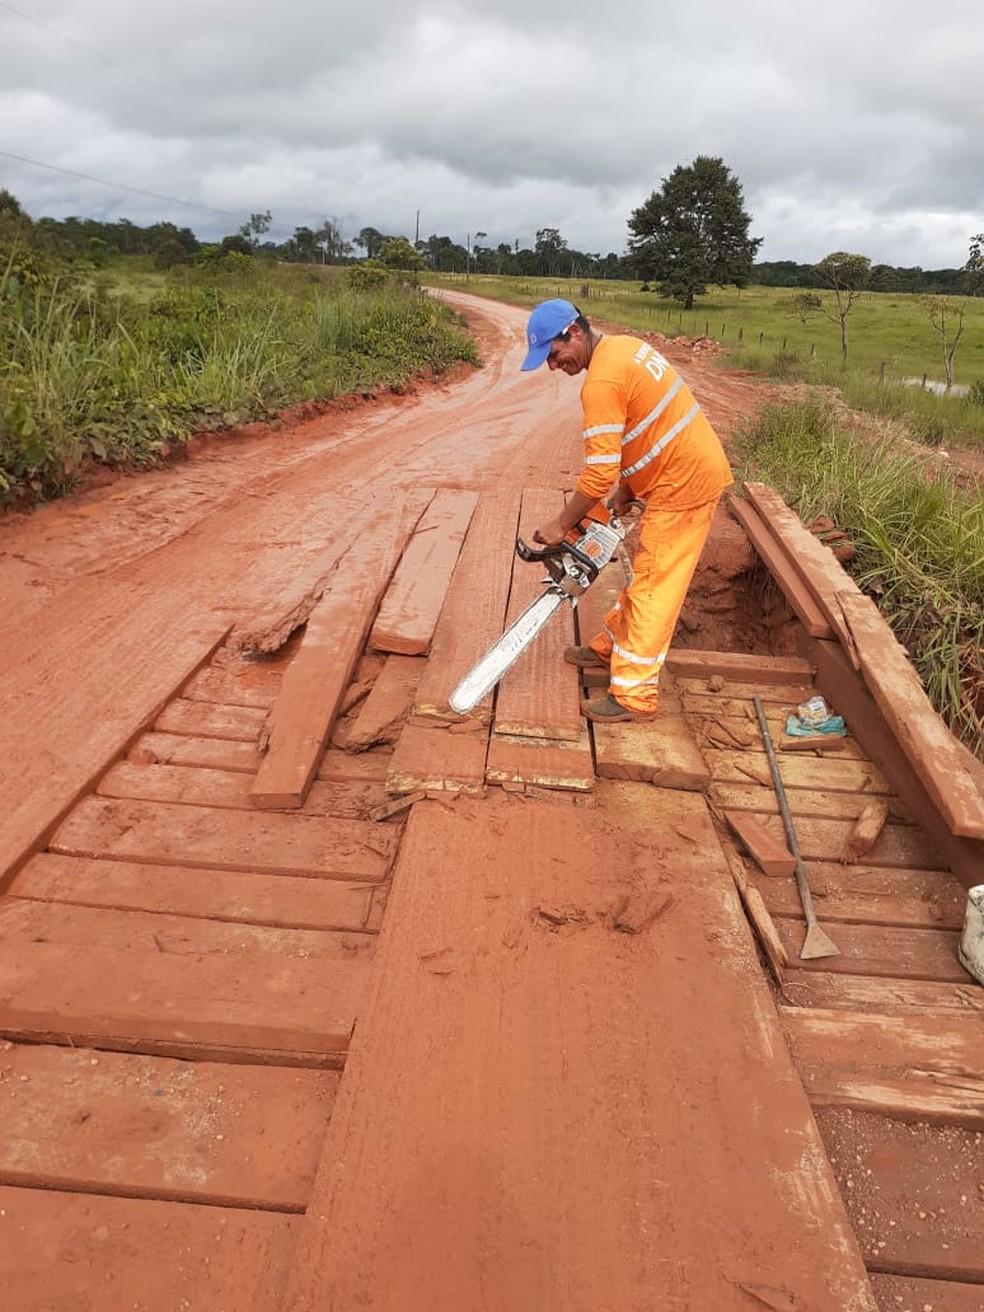 Pontes também estão em situações precárias — Foto: Dnit/Assessoria